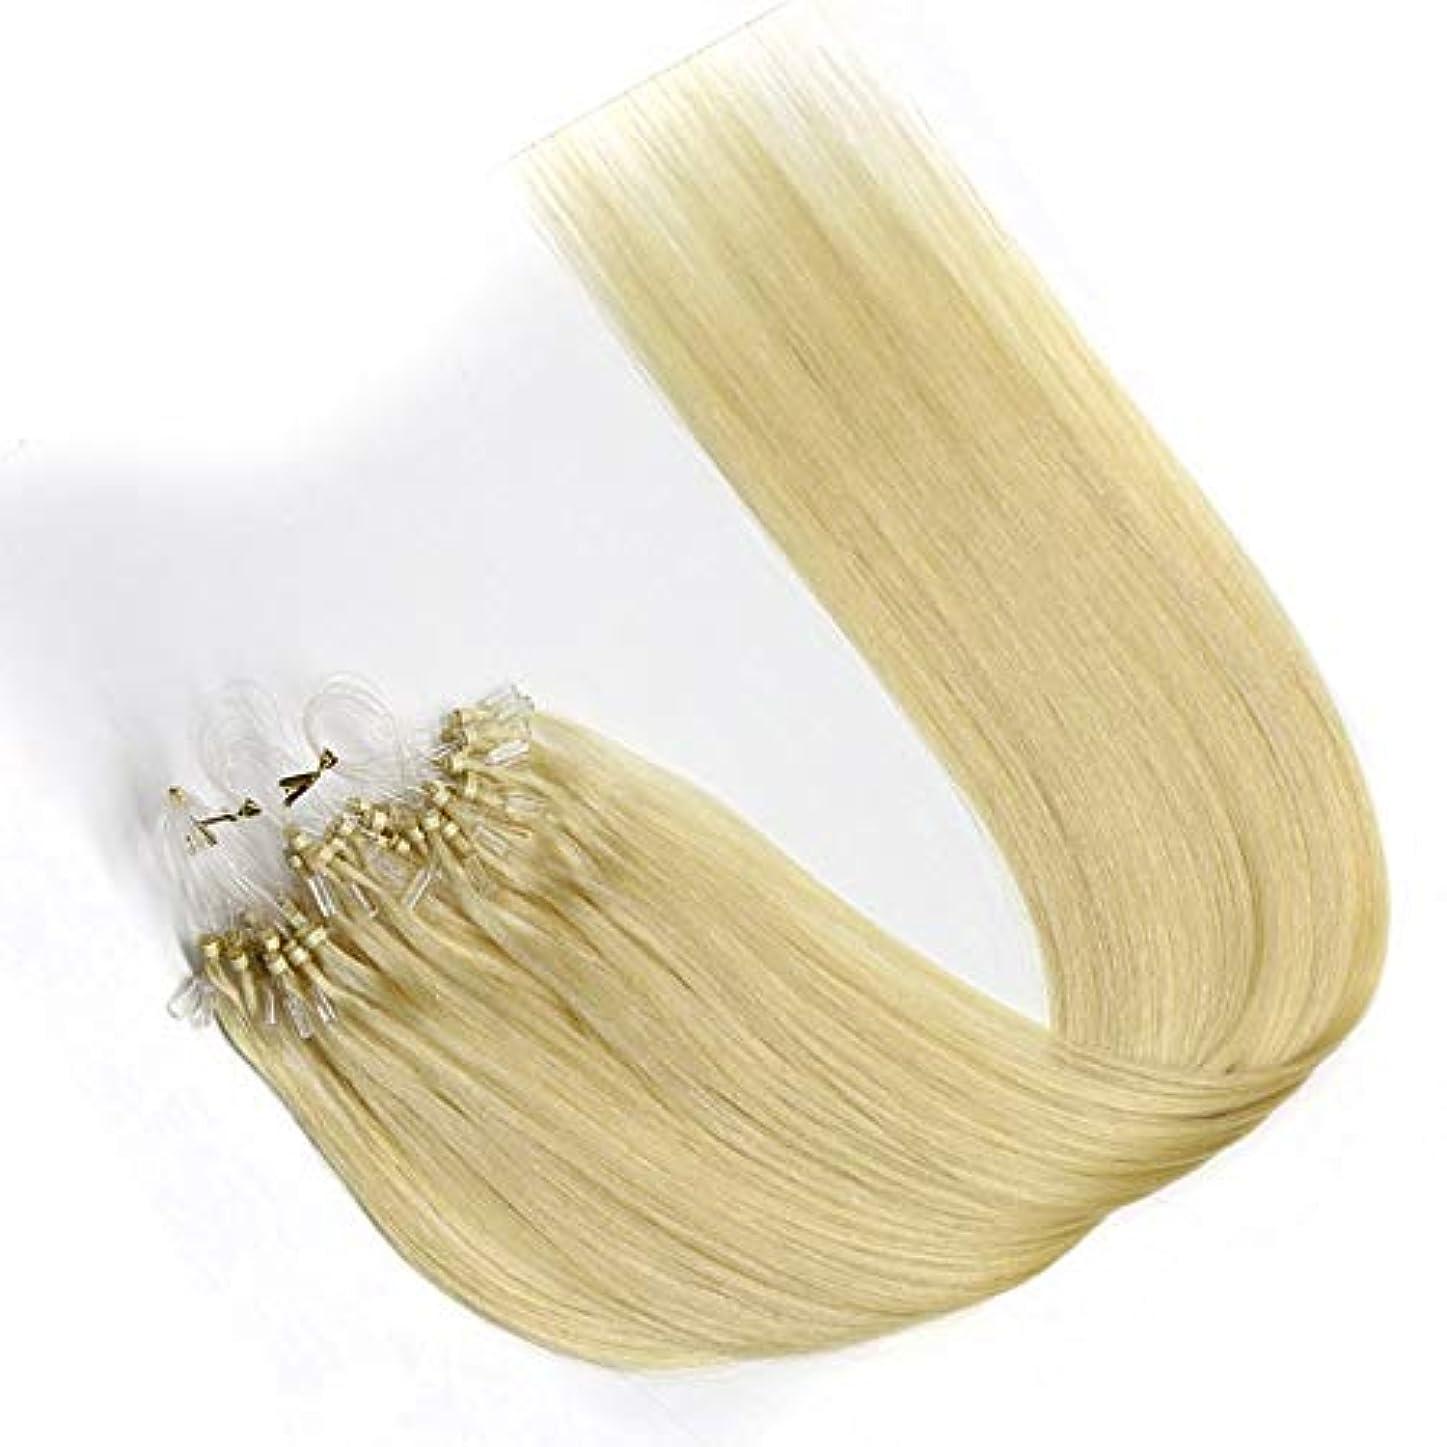 エリート逸脱授業料WASAIO 女性のためのヘアエクステンションクリップUnseamed髪型ブロンド着色簡単ループマイクロビーズを (色 : Blonde, サイズ : 26 inch)